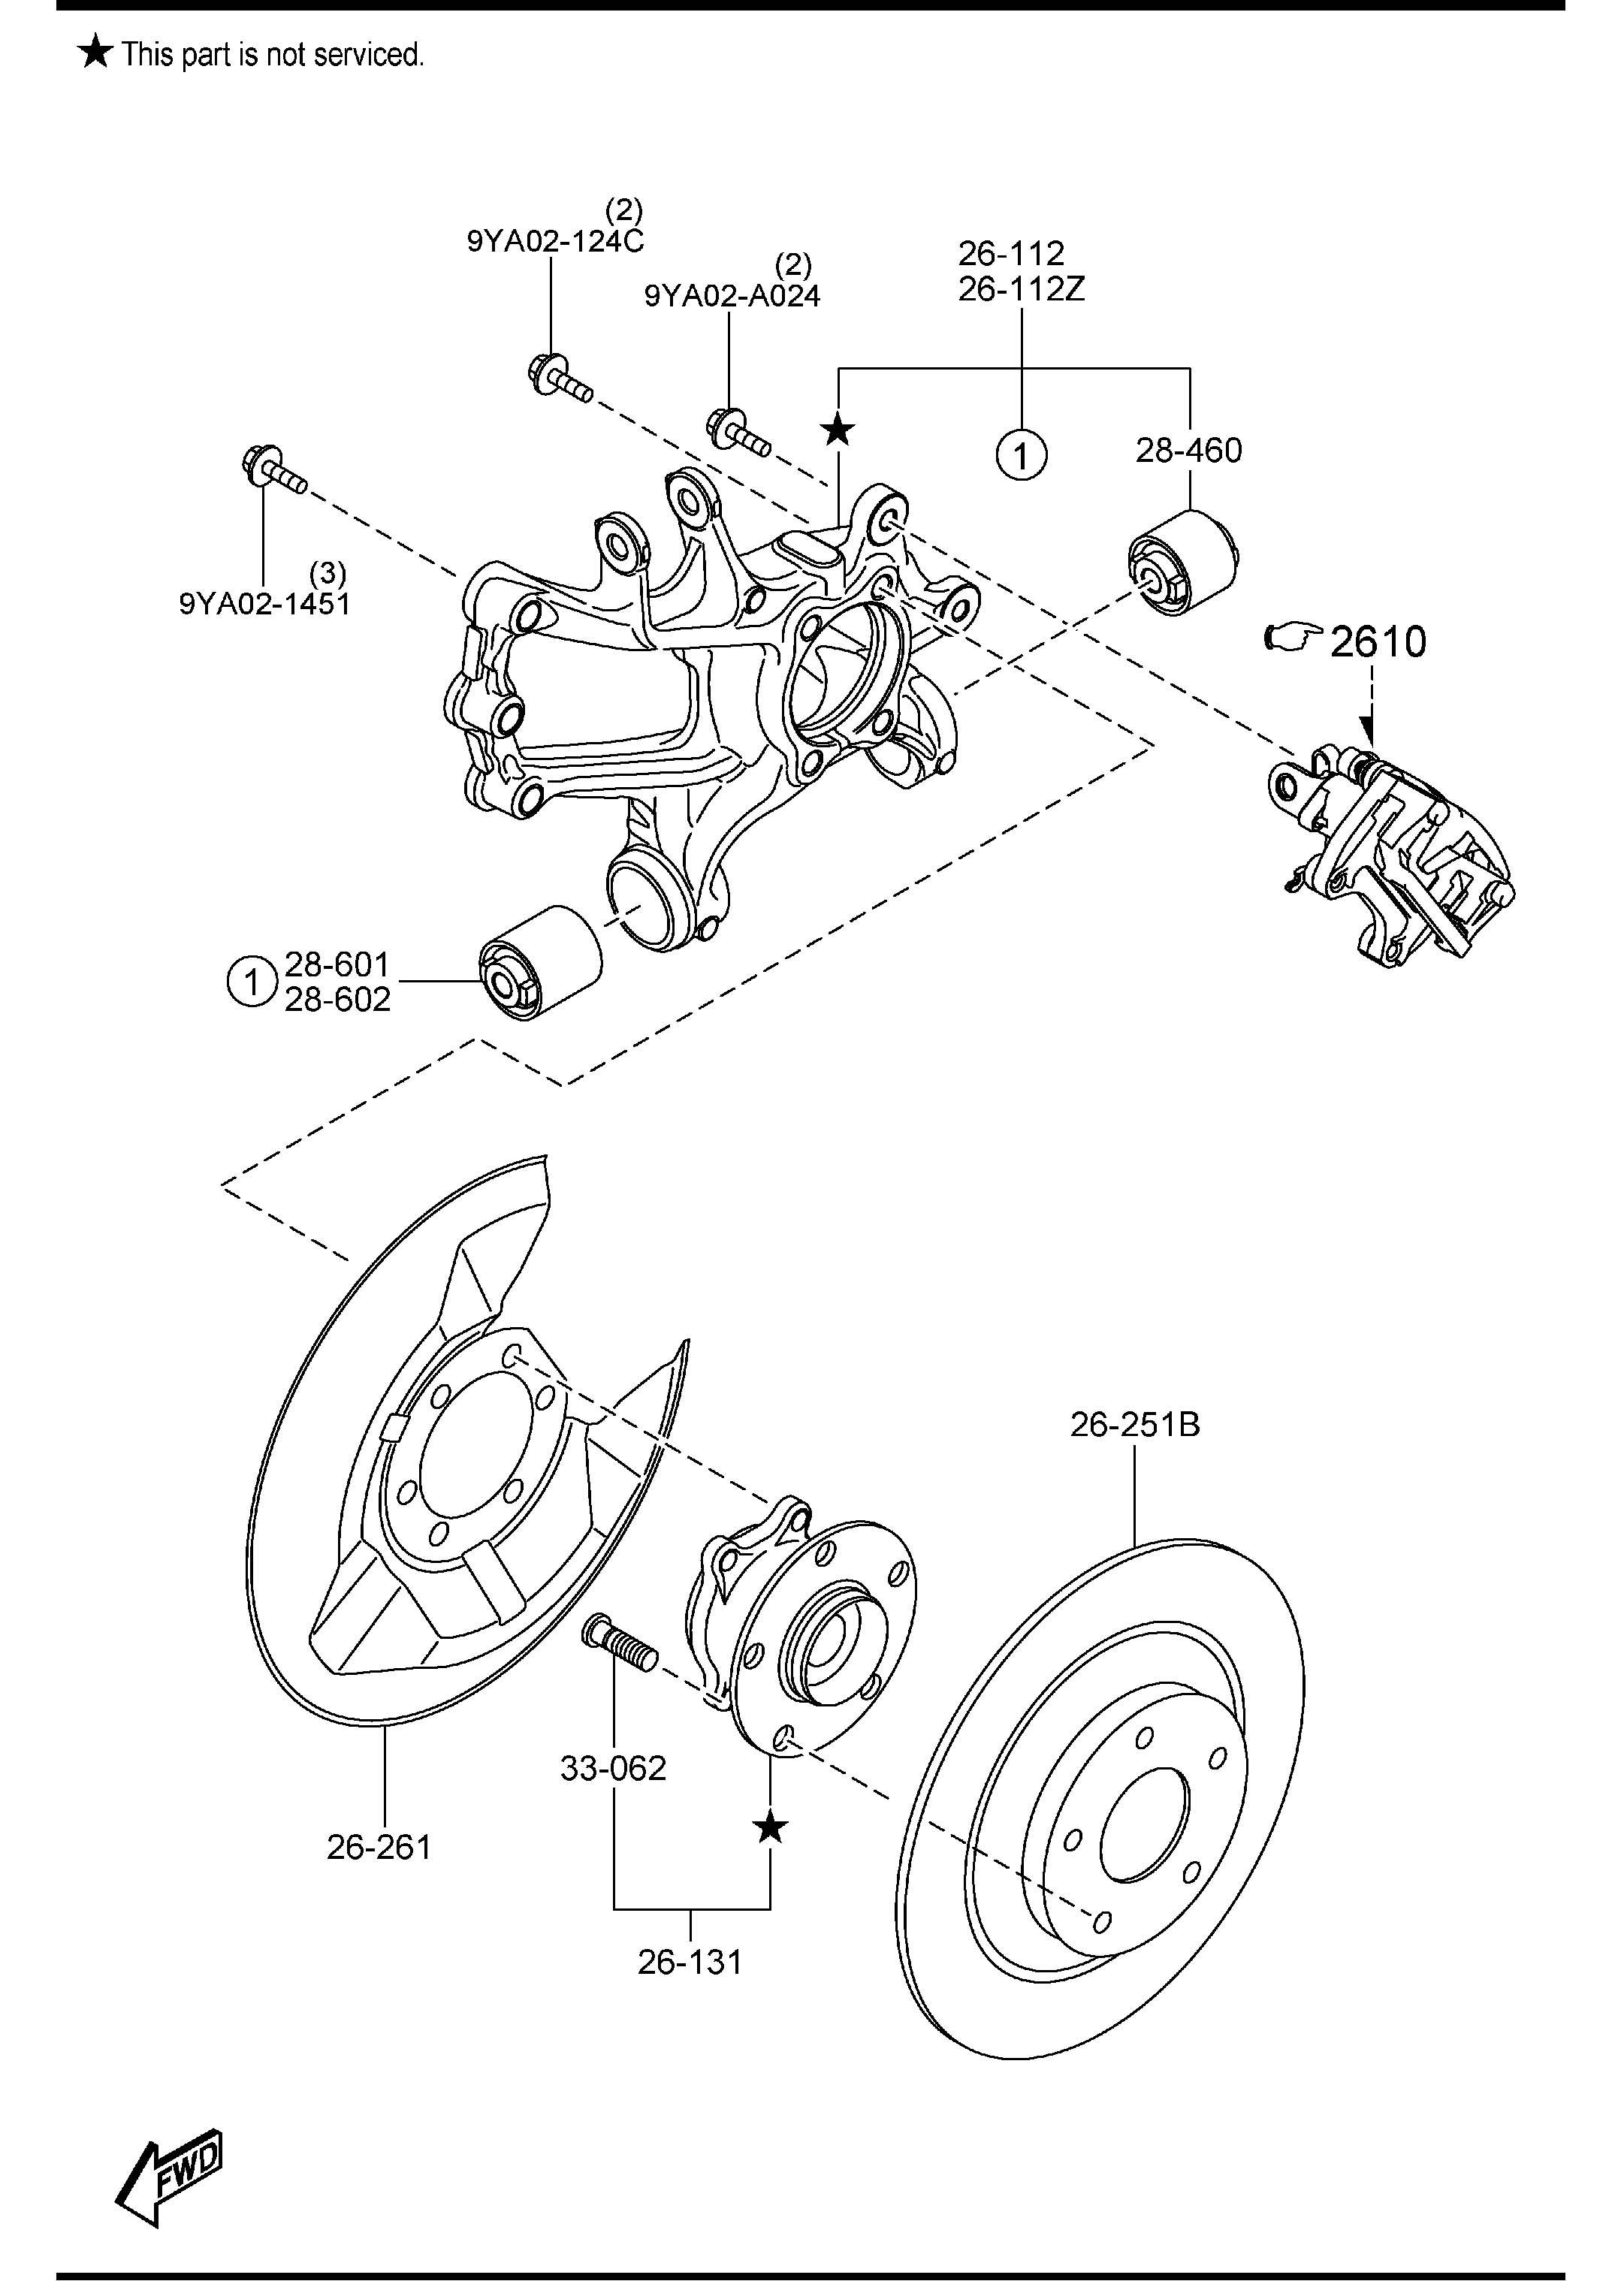 Mazda Mazda 6 Bearing  U0026 Hub  Fwd